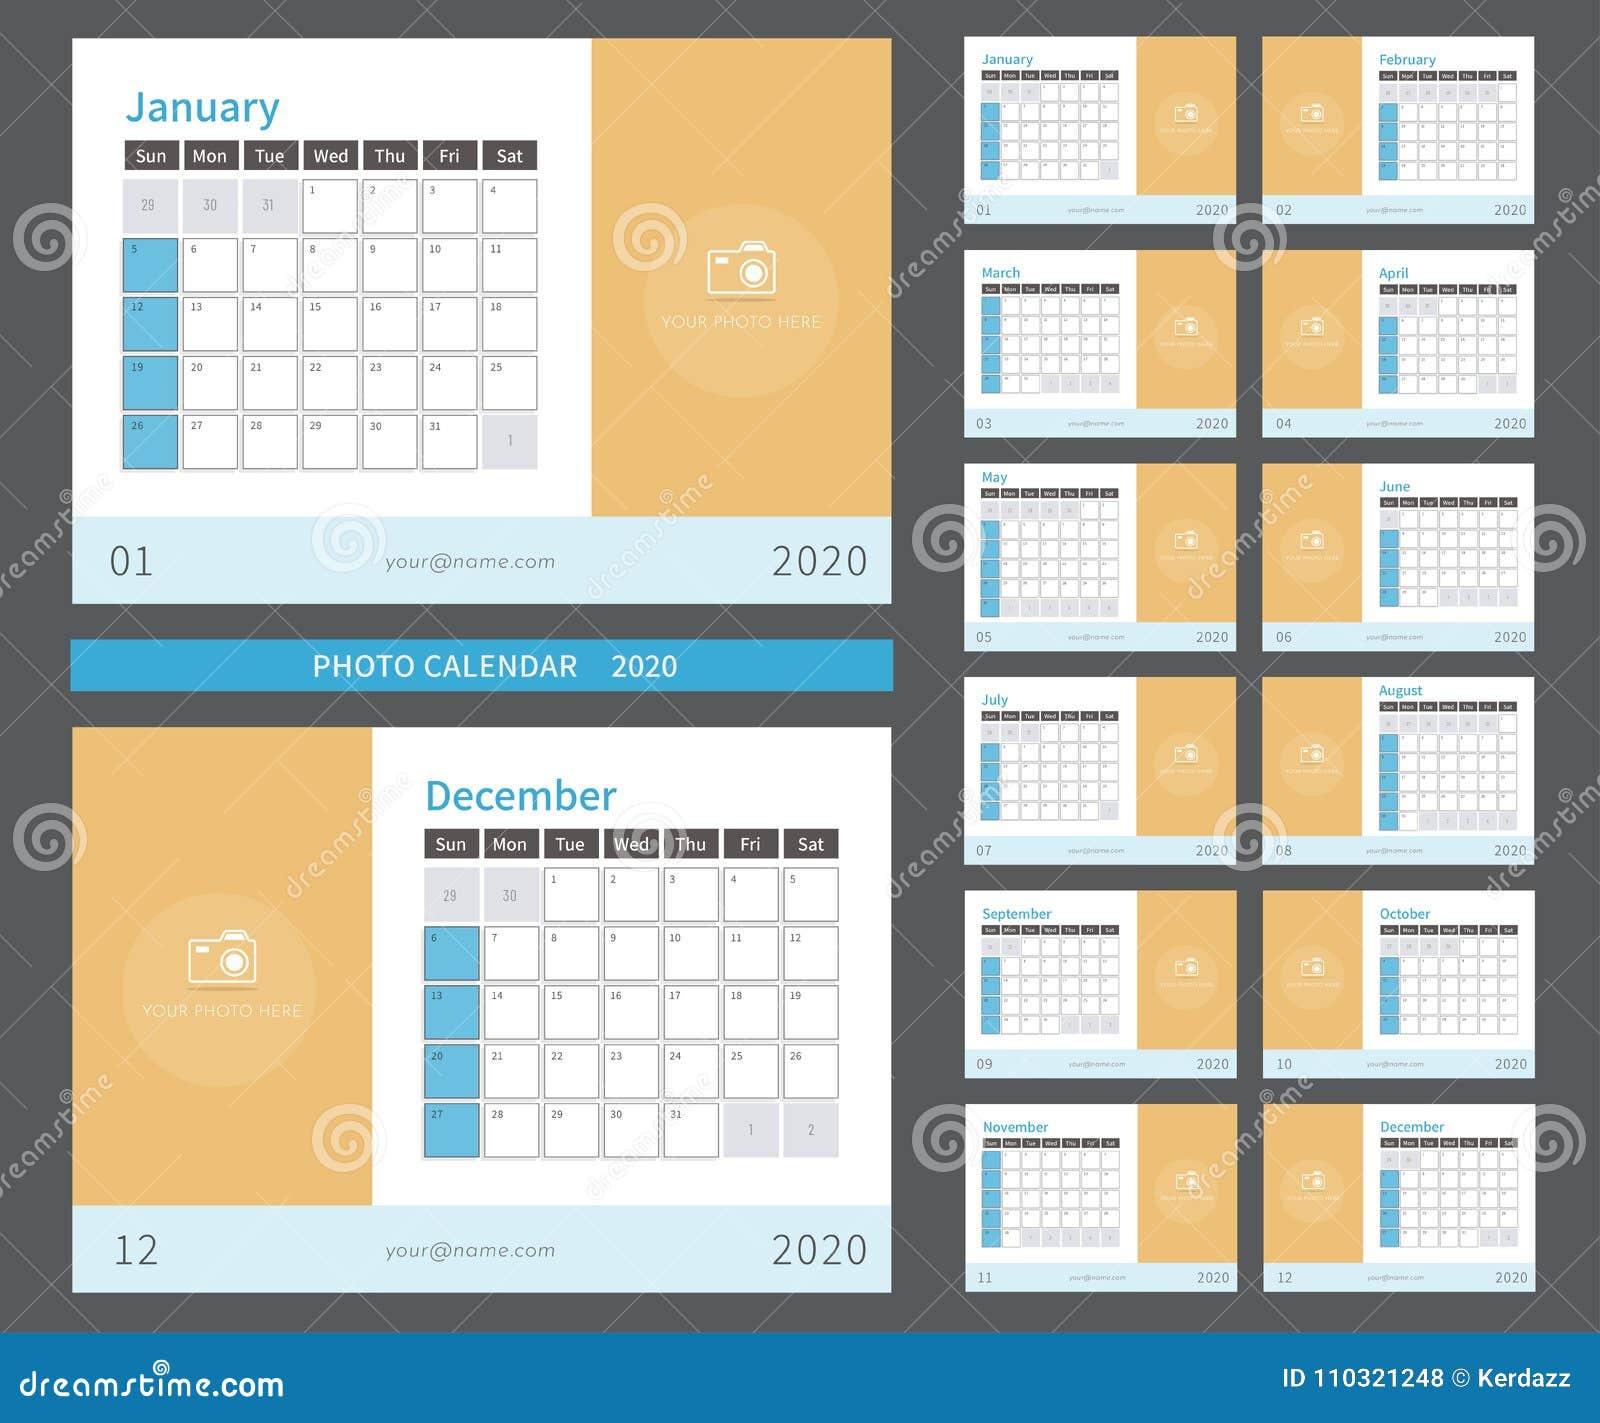 Calendario 2020 Mensile Da Stampare.Calendario 2020 Della Foto Pronto A Stampare Illustrazione